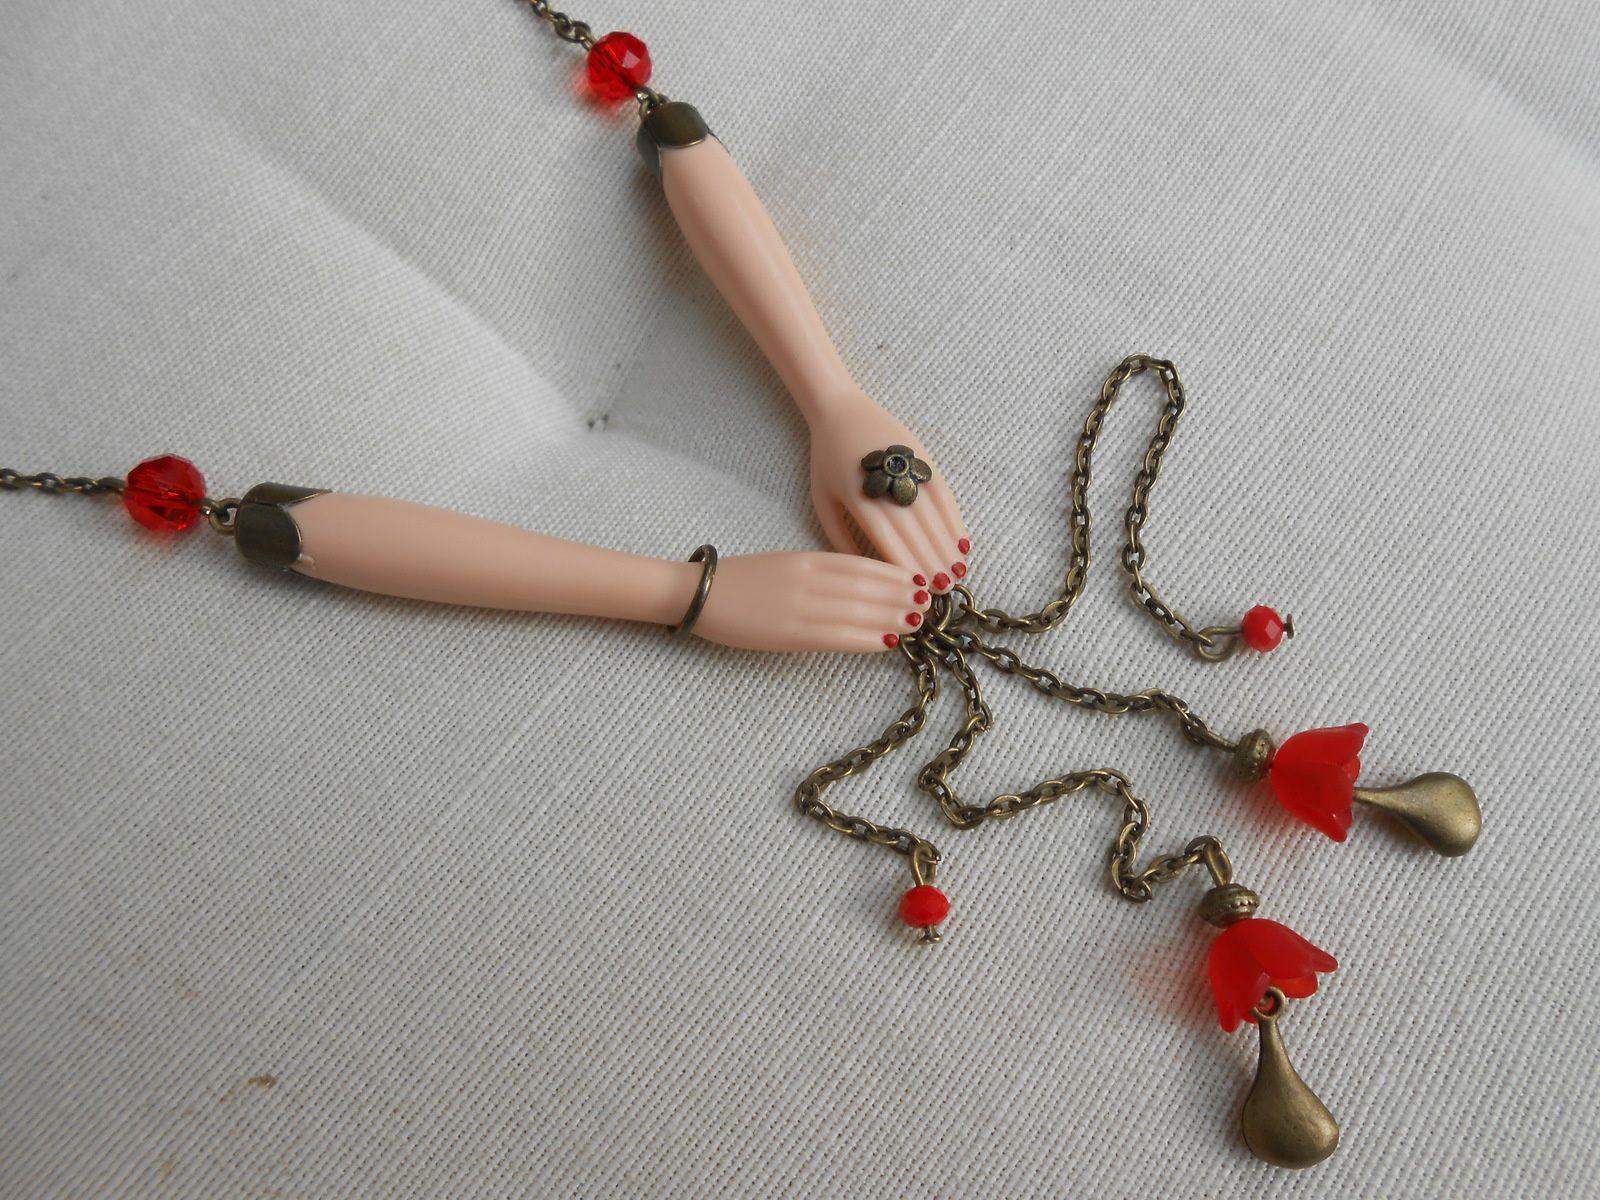 Des bijoux réalisés à partir de poupées Barbie